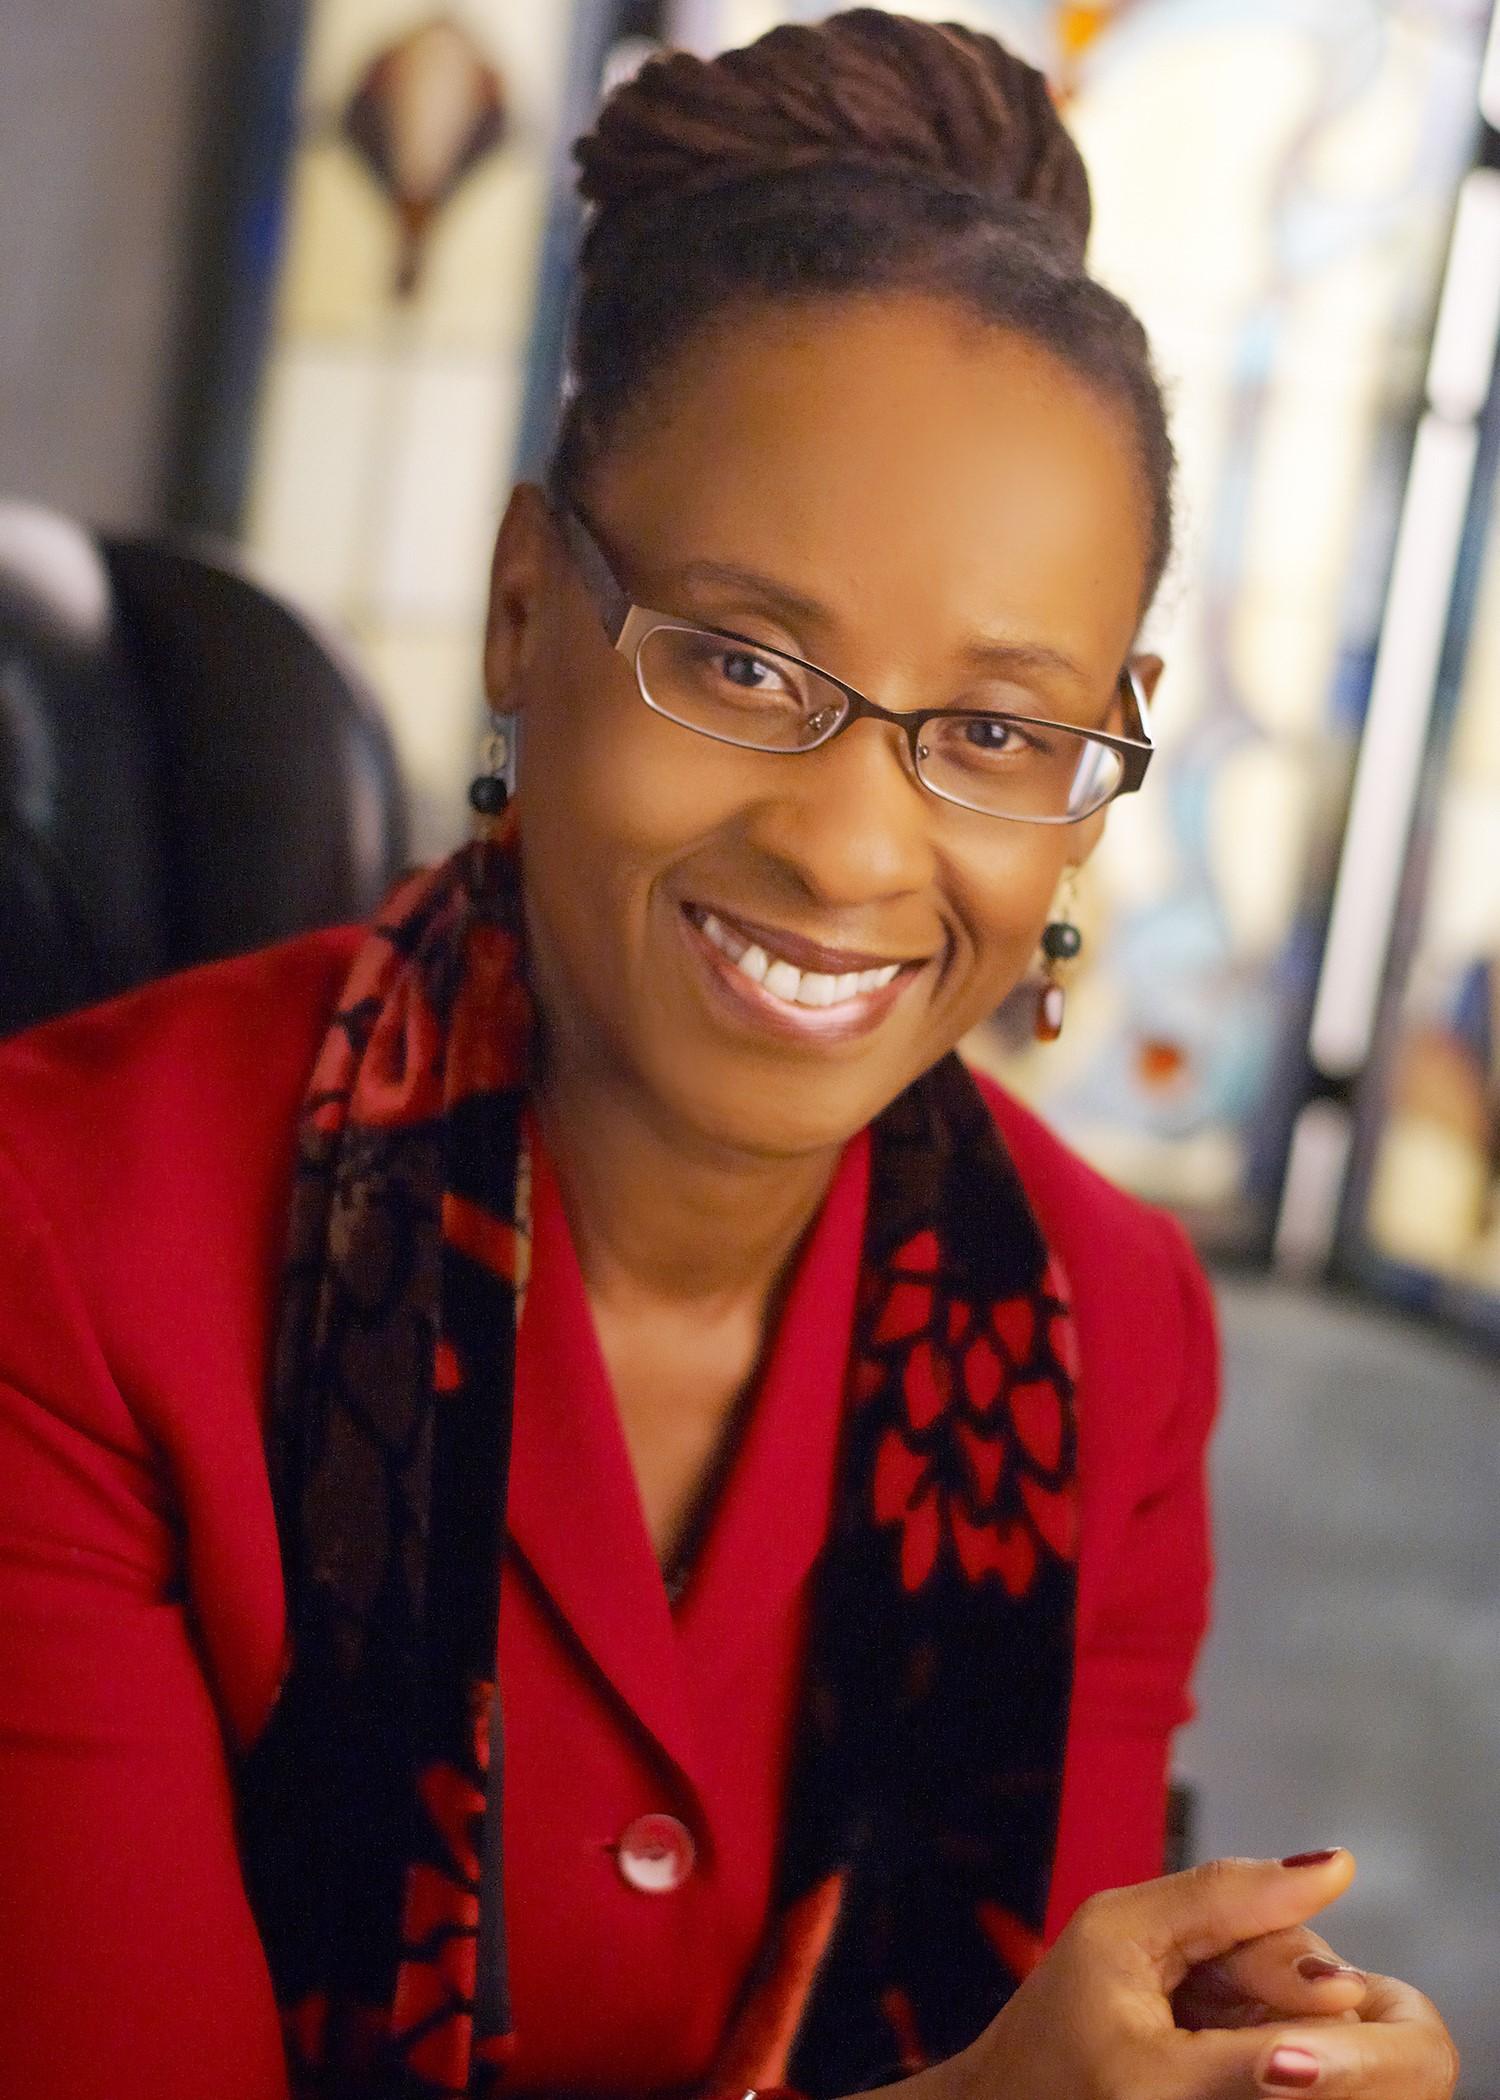 The Rev. Kennetha Bigham-Tsai